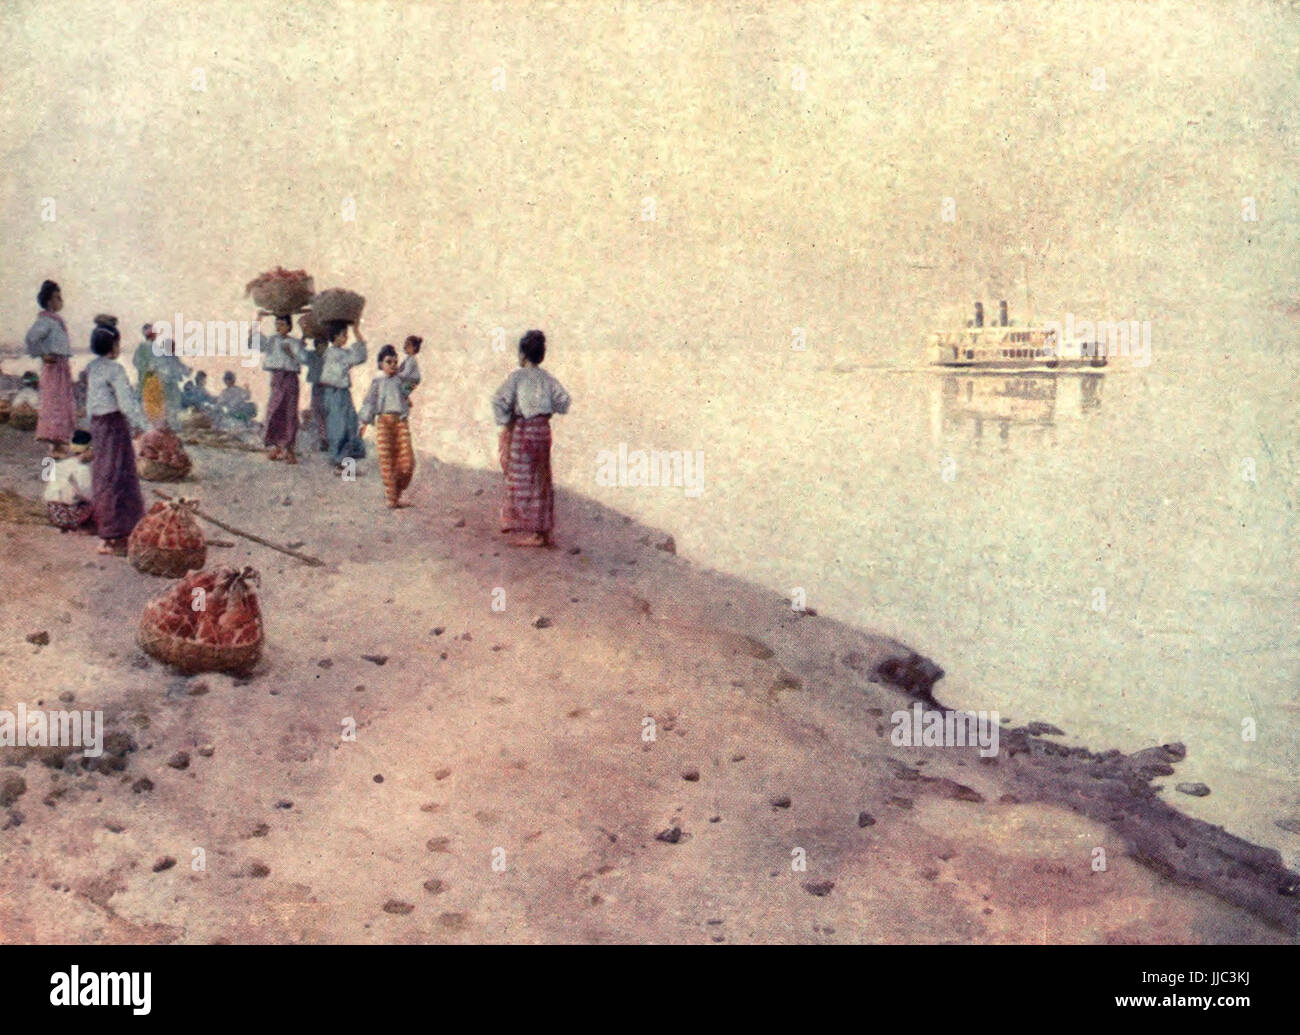 The Irrawaddy - Burma, circa 1908 - Stock Image